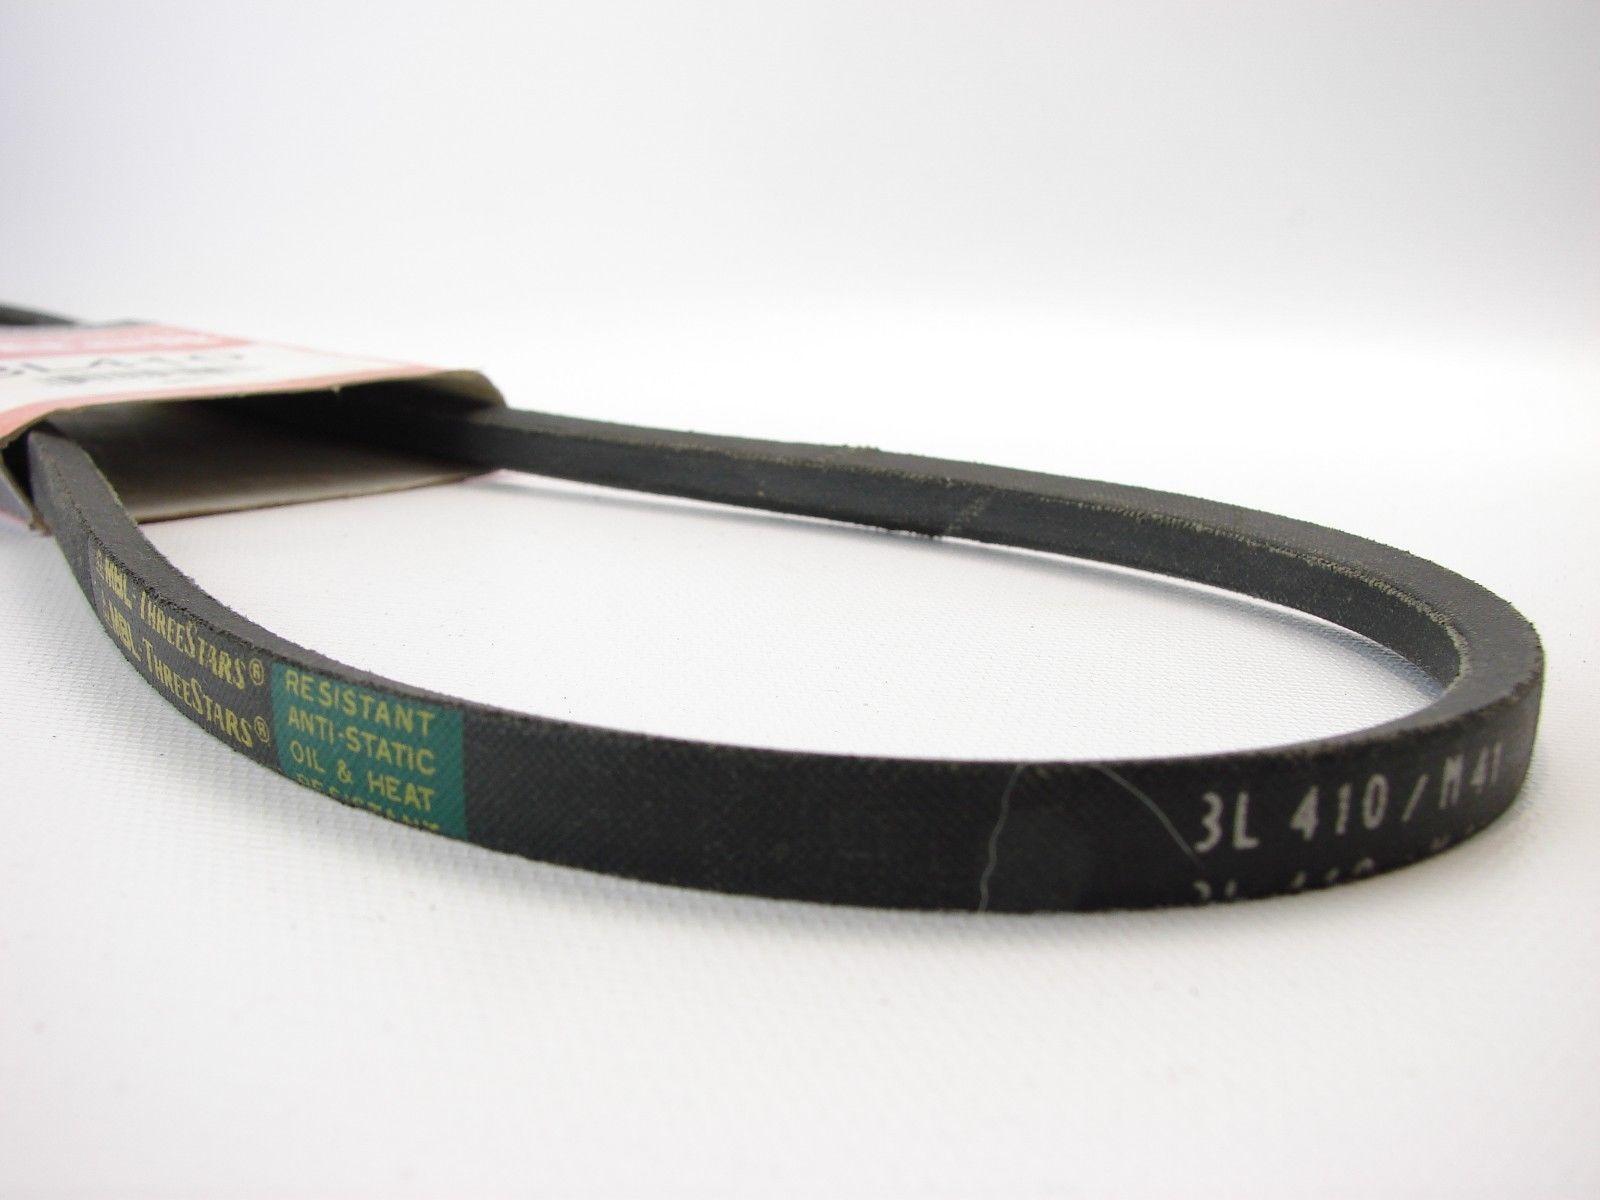 NAPA AUTOMOTIVE B66 Replacement Belt